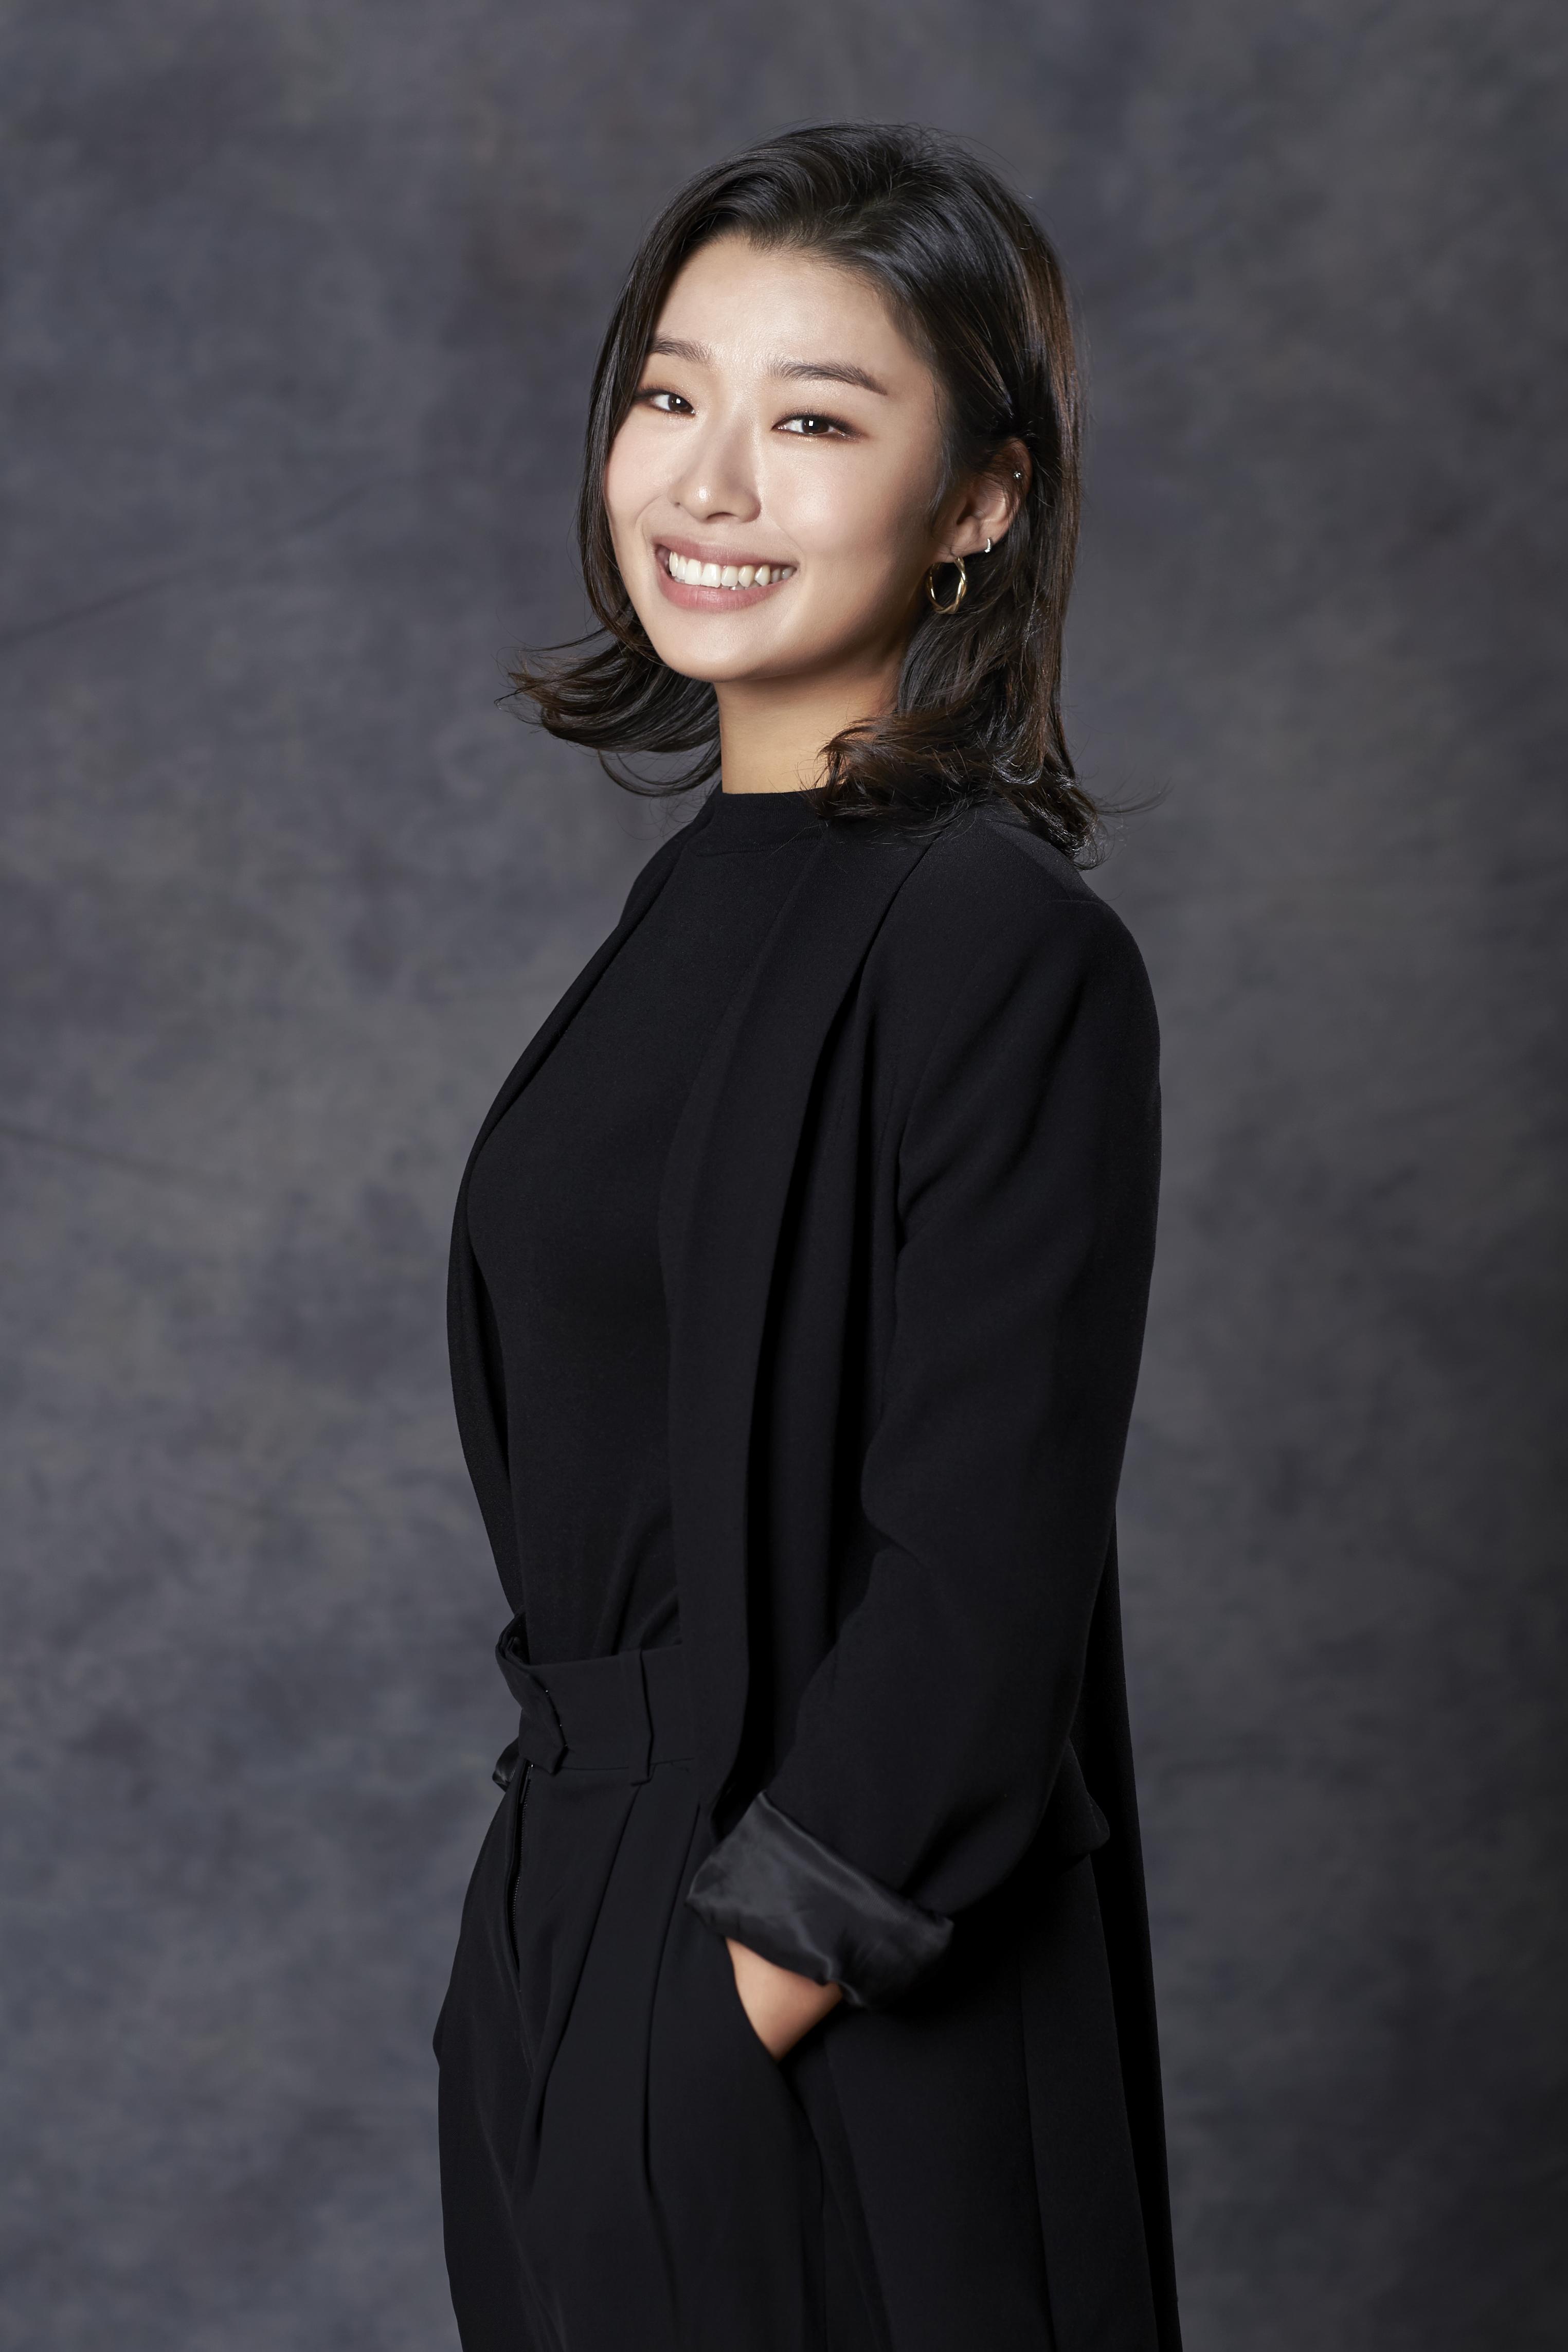 아이다_전나영